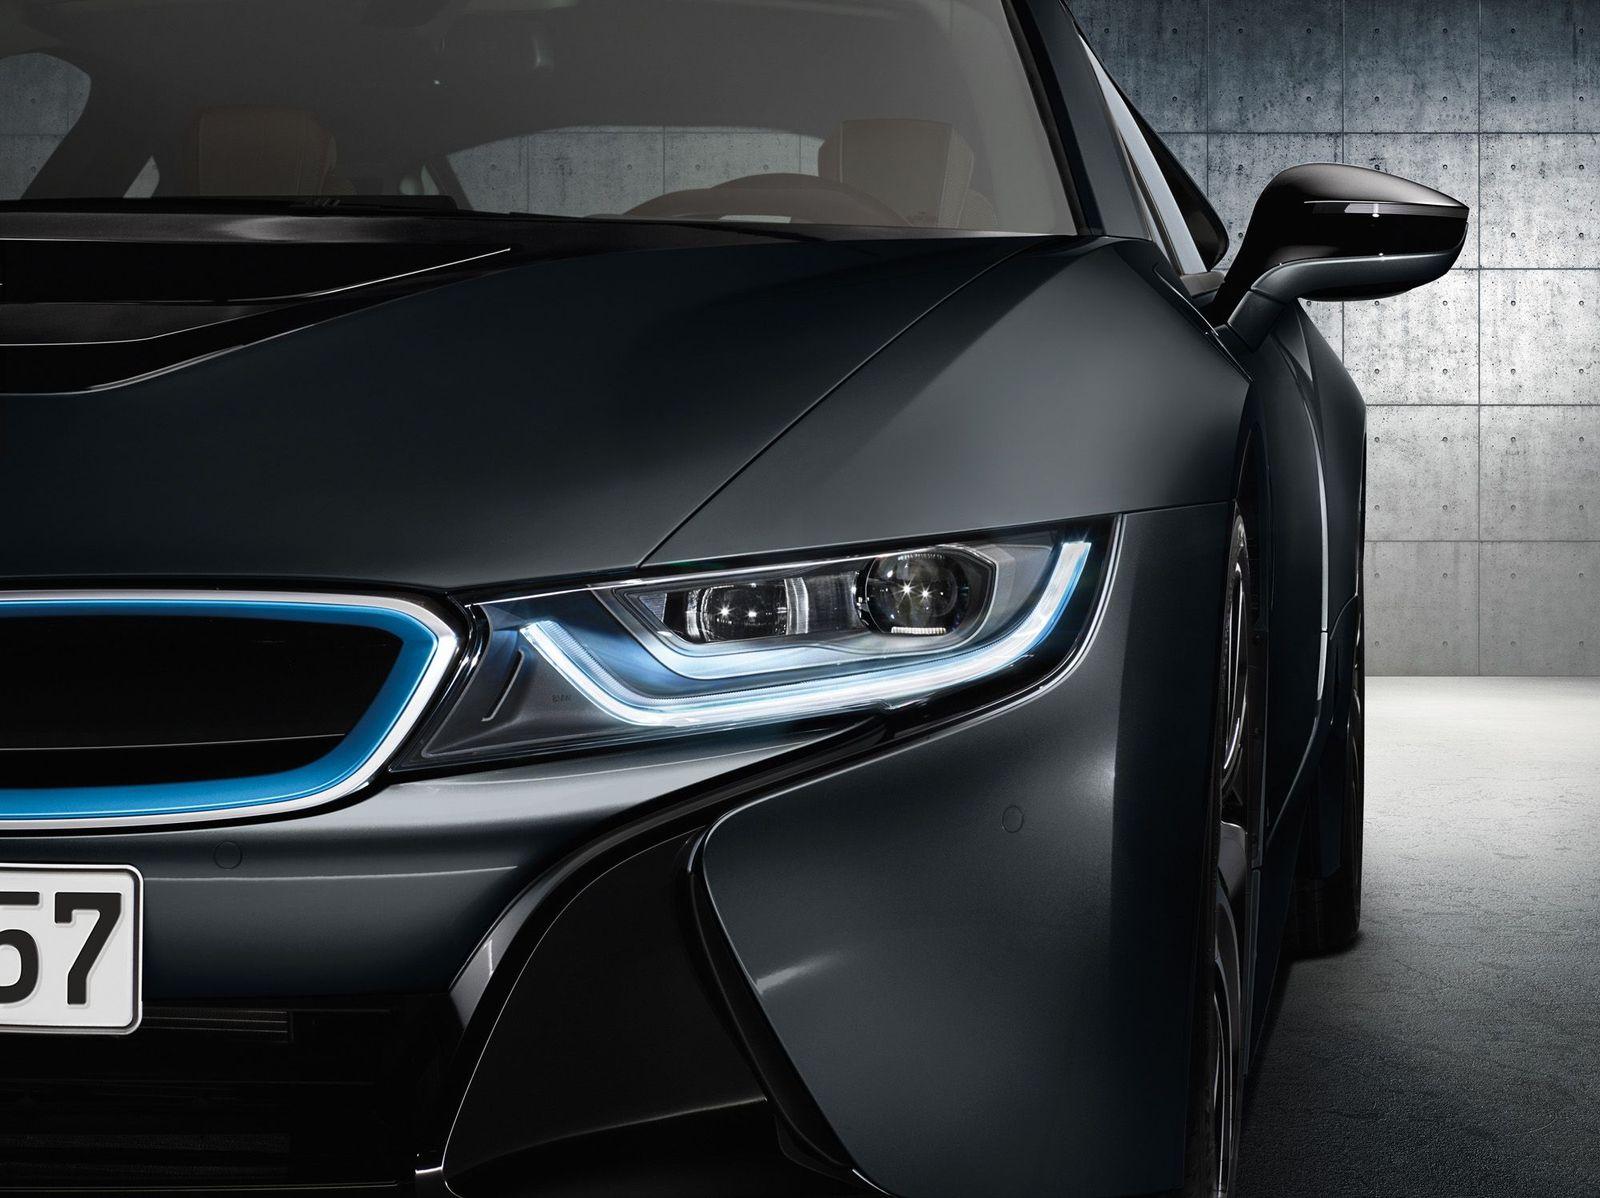 2015 / BMW i8